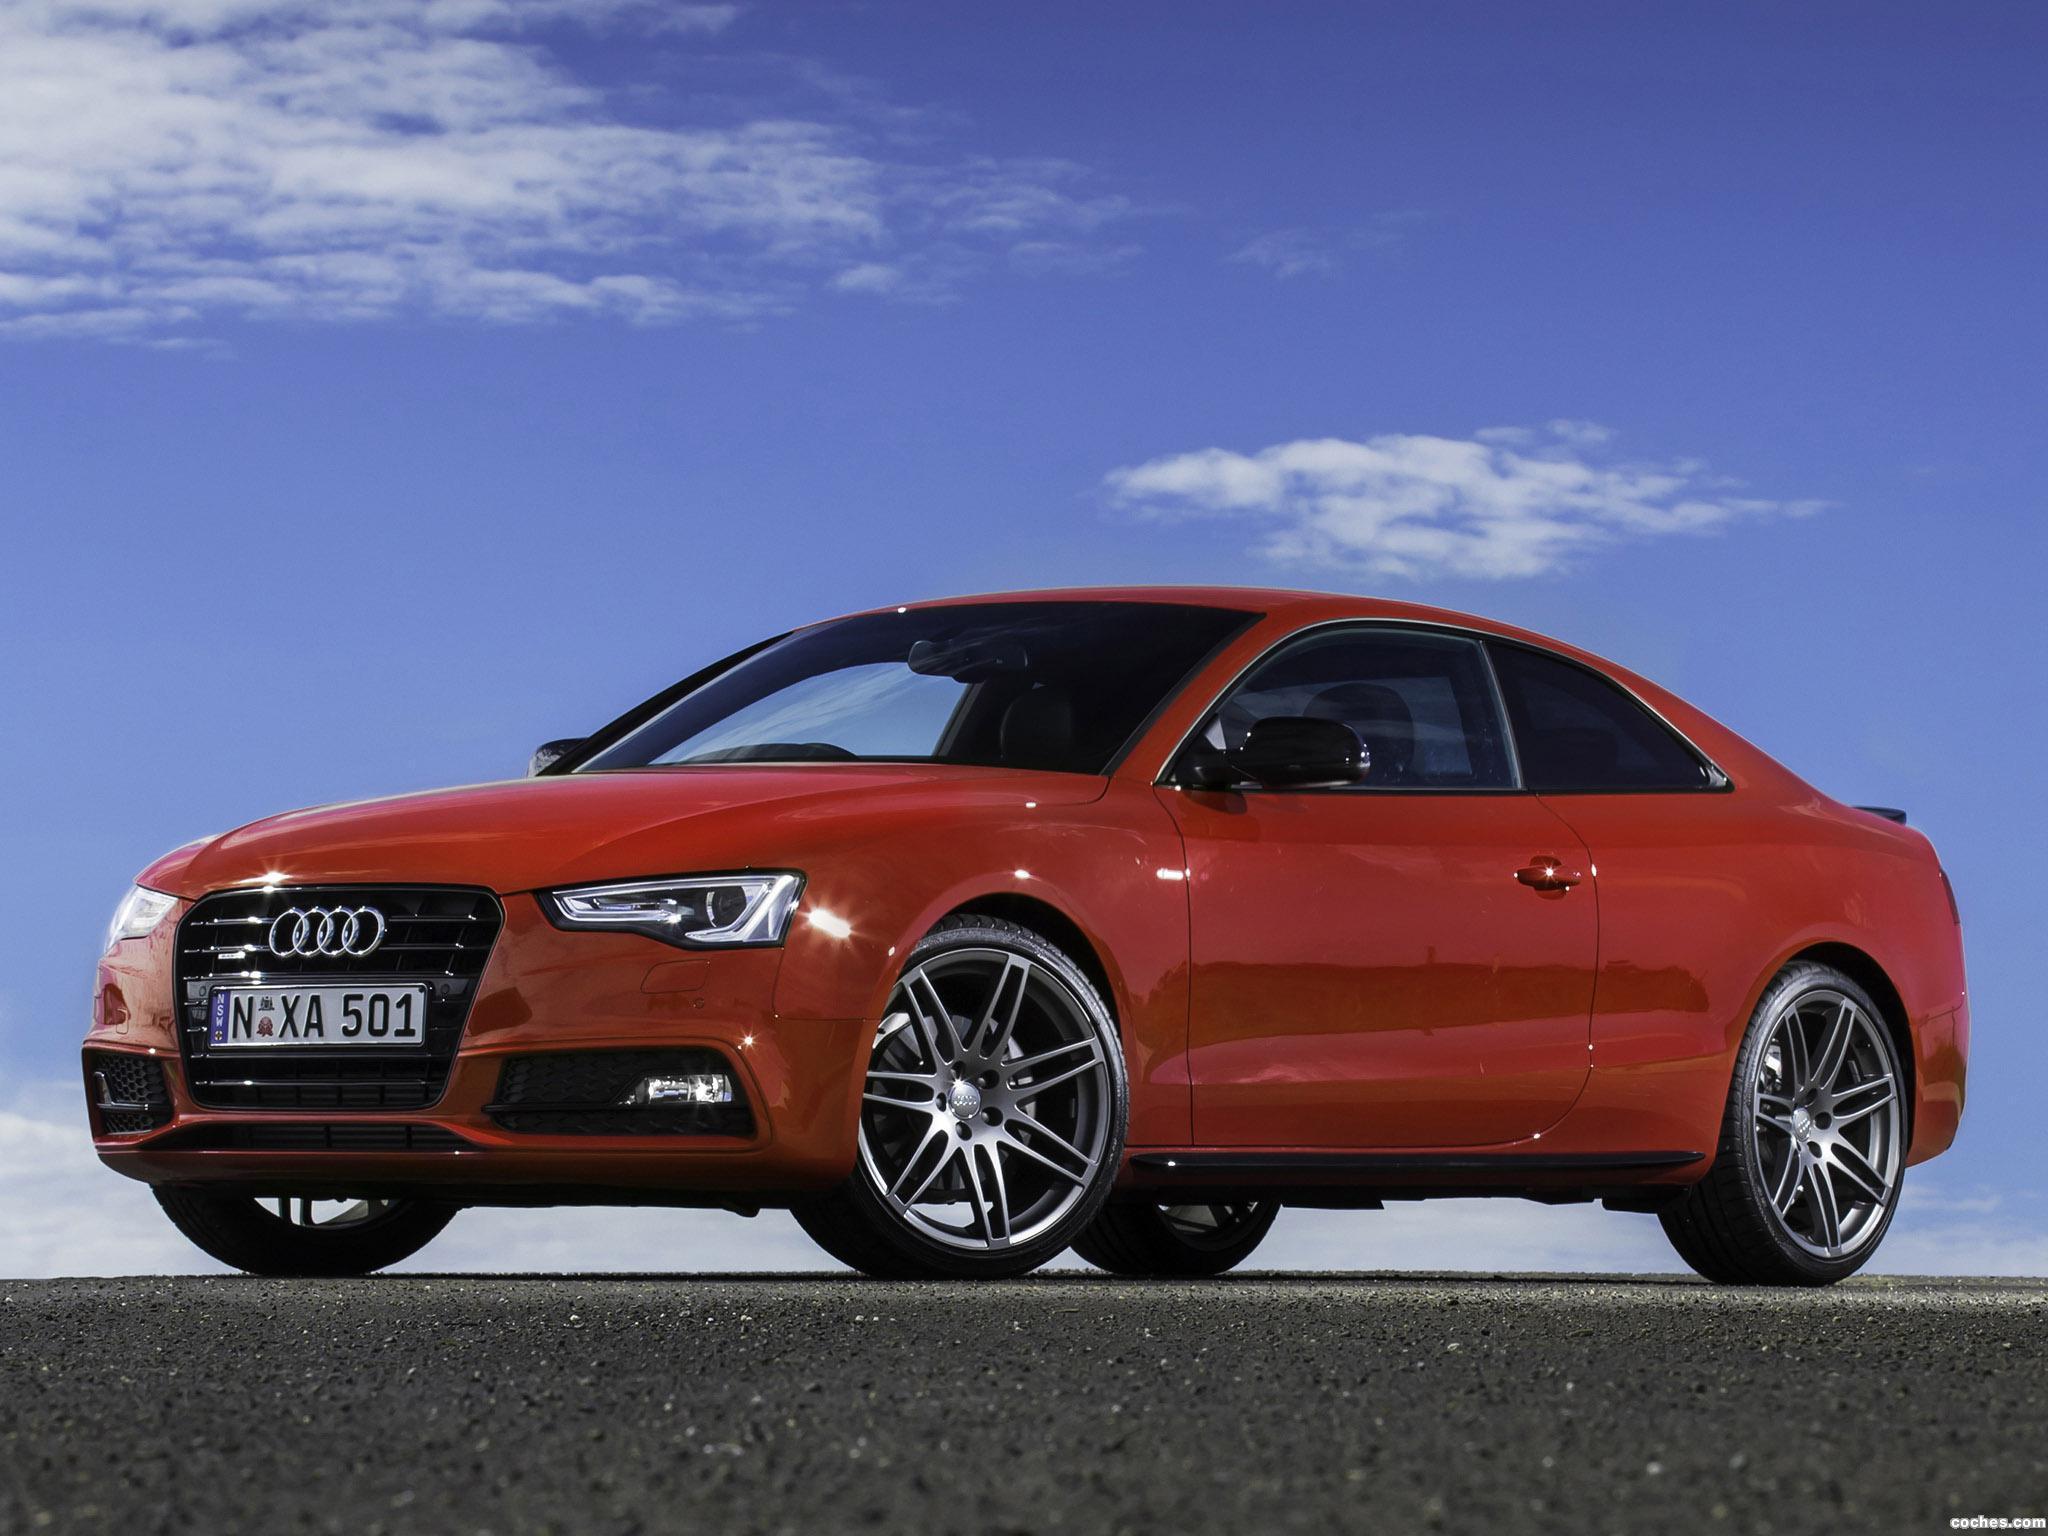 Foto 5 de Audi A5 2.0T Quattro S-Line Competition Coupe Australia 2012